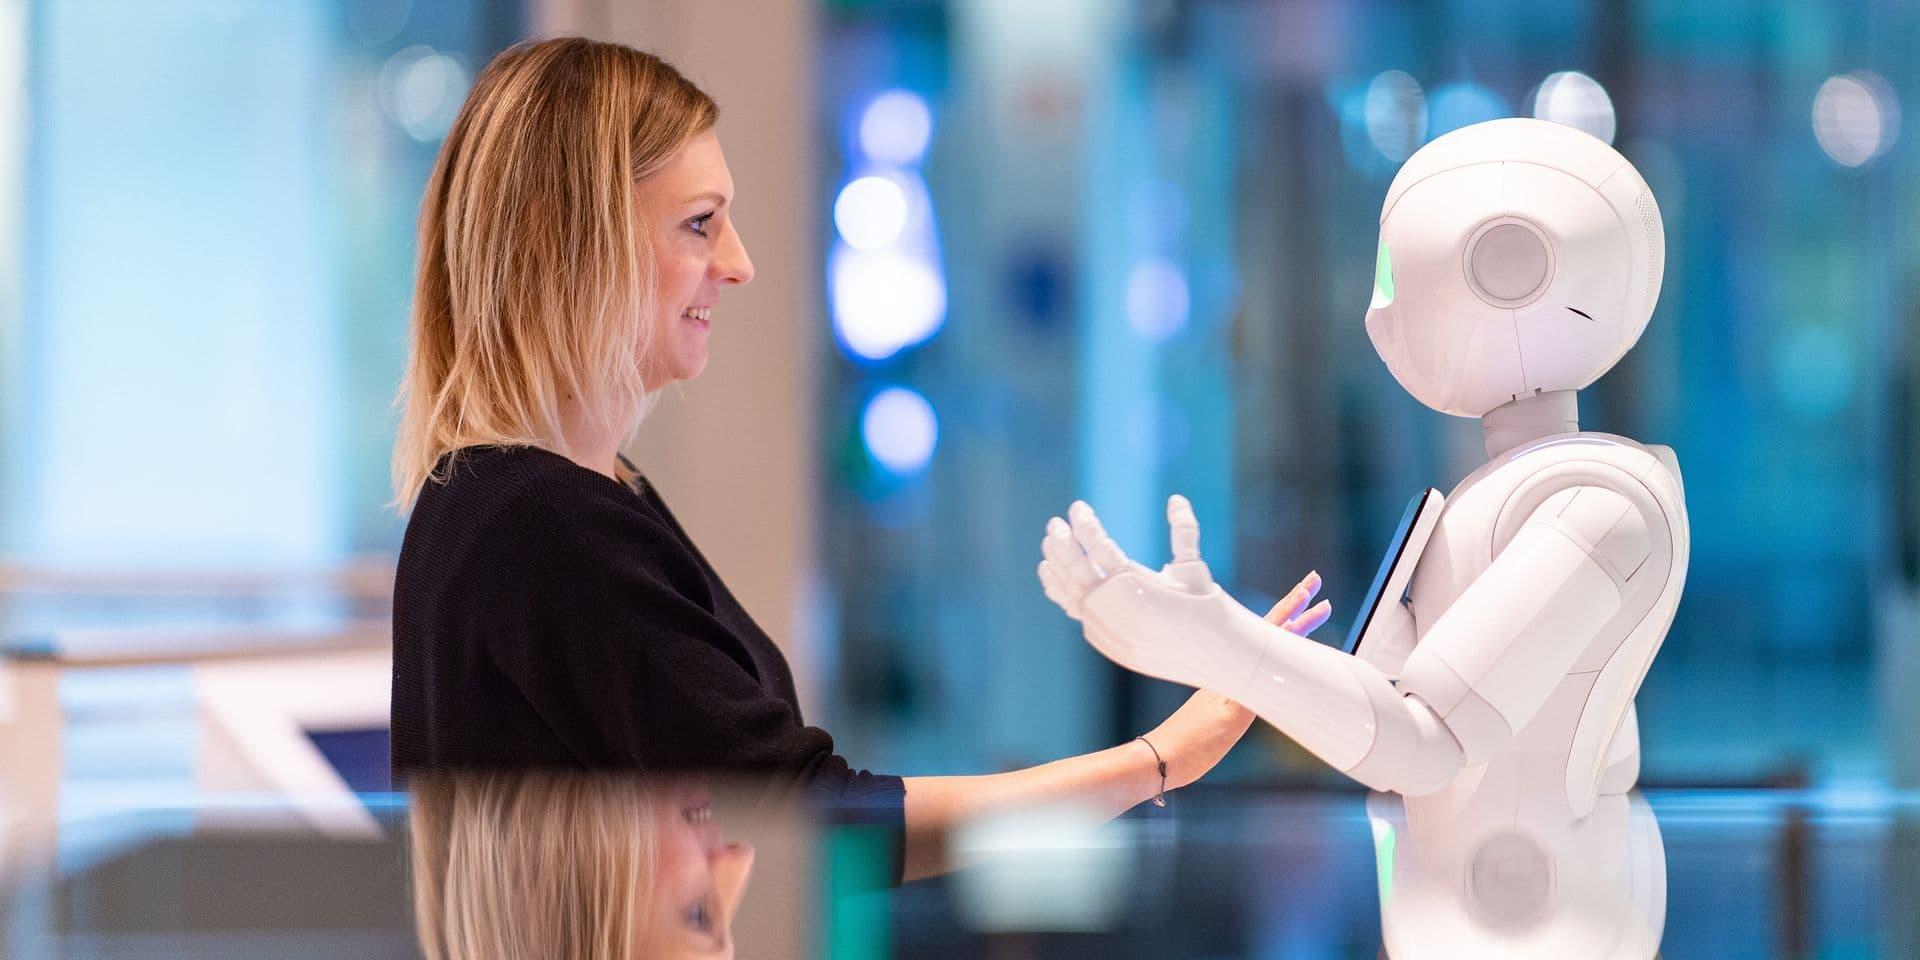 L'impact de l'IA sur le monde du travail